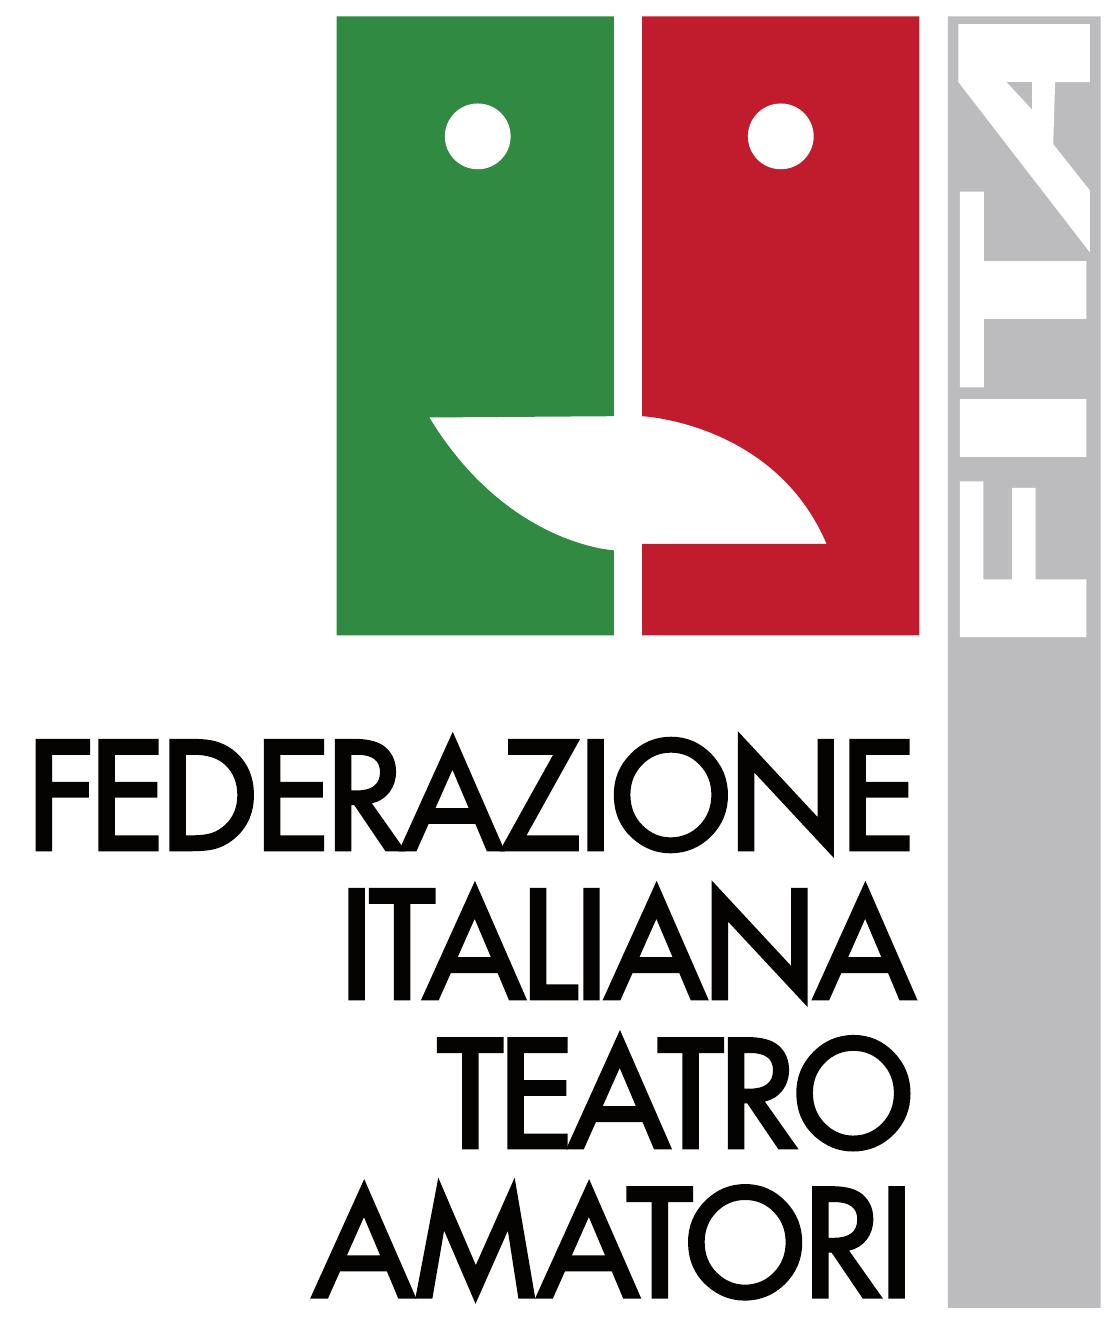 Federazione Italiana Teatro Amatori